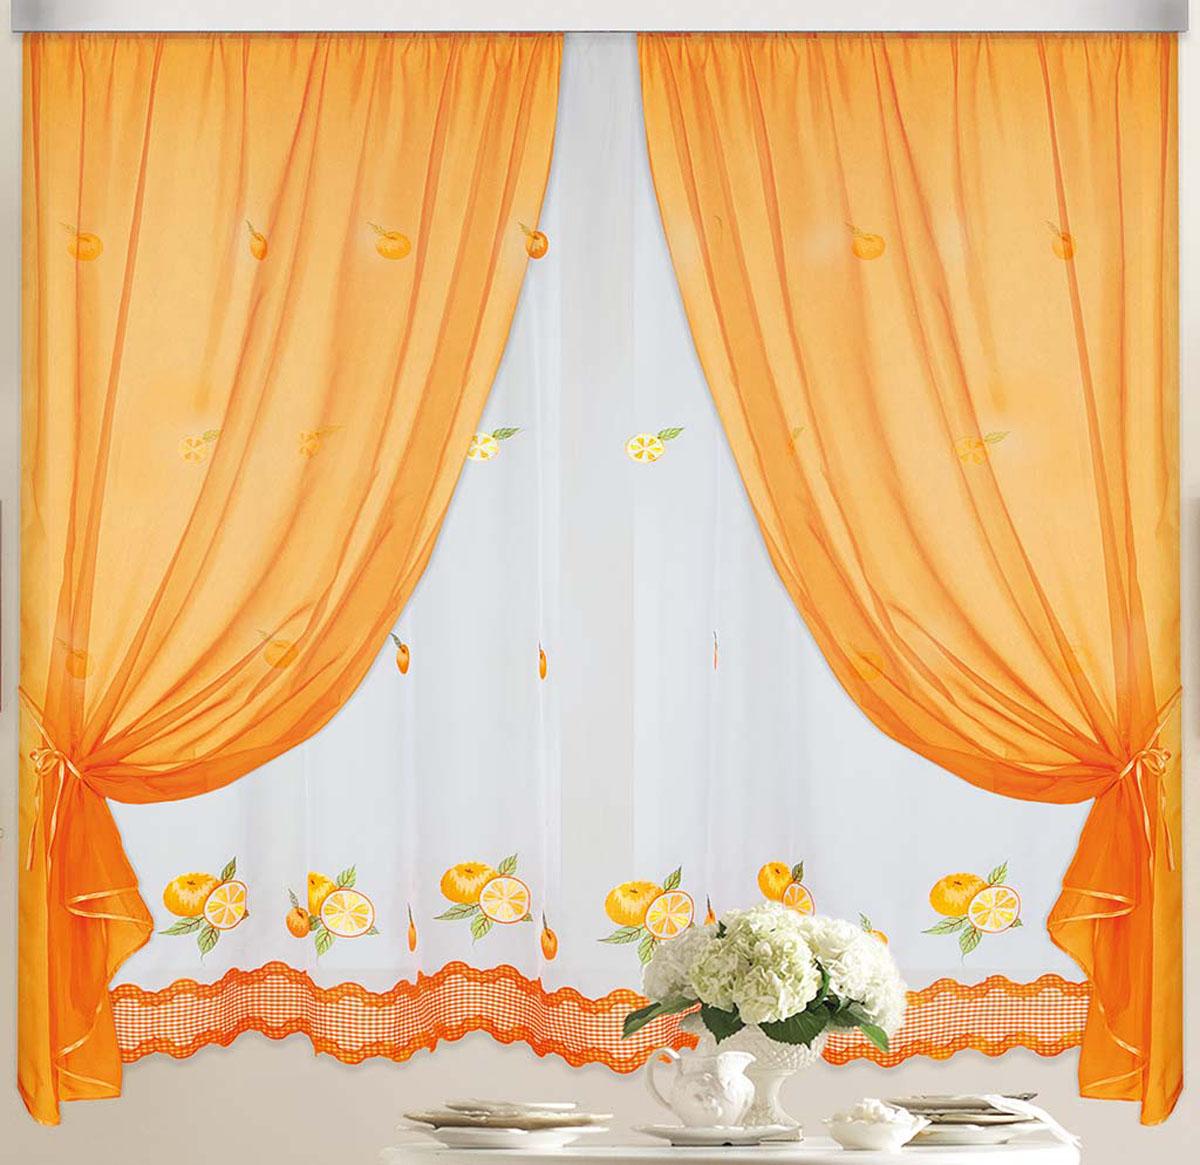 """Штора ТД Текстиль """"Апельсин"""" изготовлена из прозрачного, легкого, воздушного вуалевого полотна с вышивкой. Идеальное решение для комнат, где у окна стоят предметы интерьера и низ шторы не будет виден или нужен свободный доступ к подоконнику. Штора крепится на карниз при помощи ленты, которая поможет красиво и равномерно задрапировать верх."""